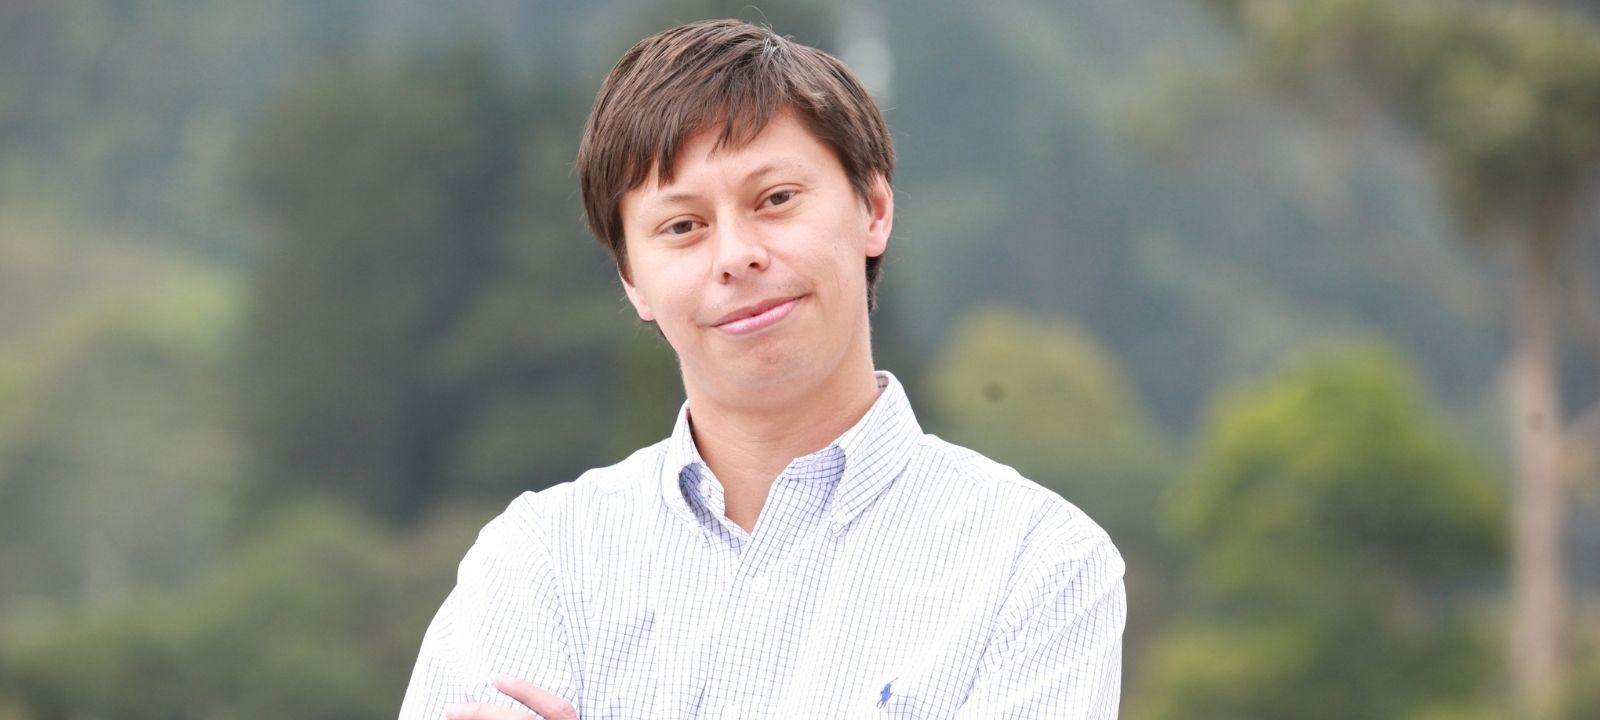 Johann Osma